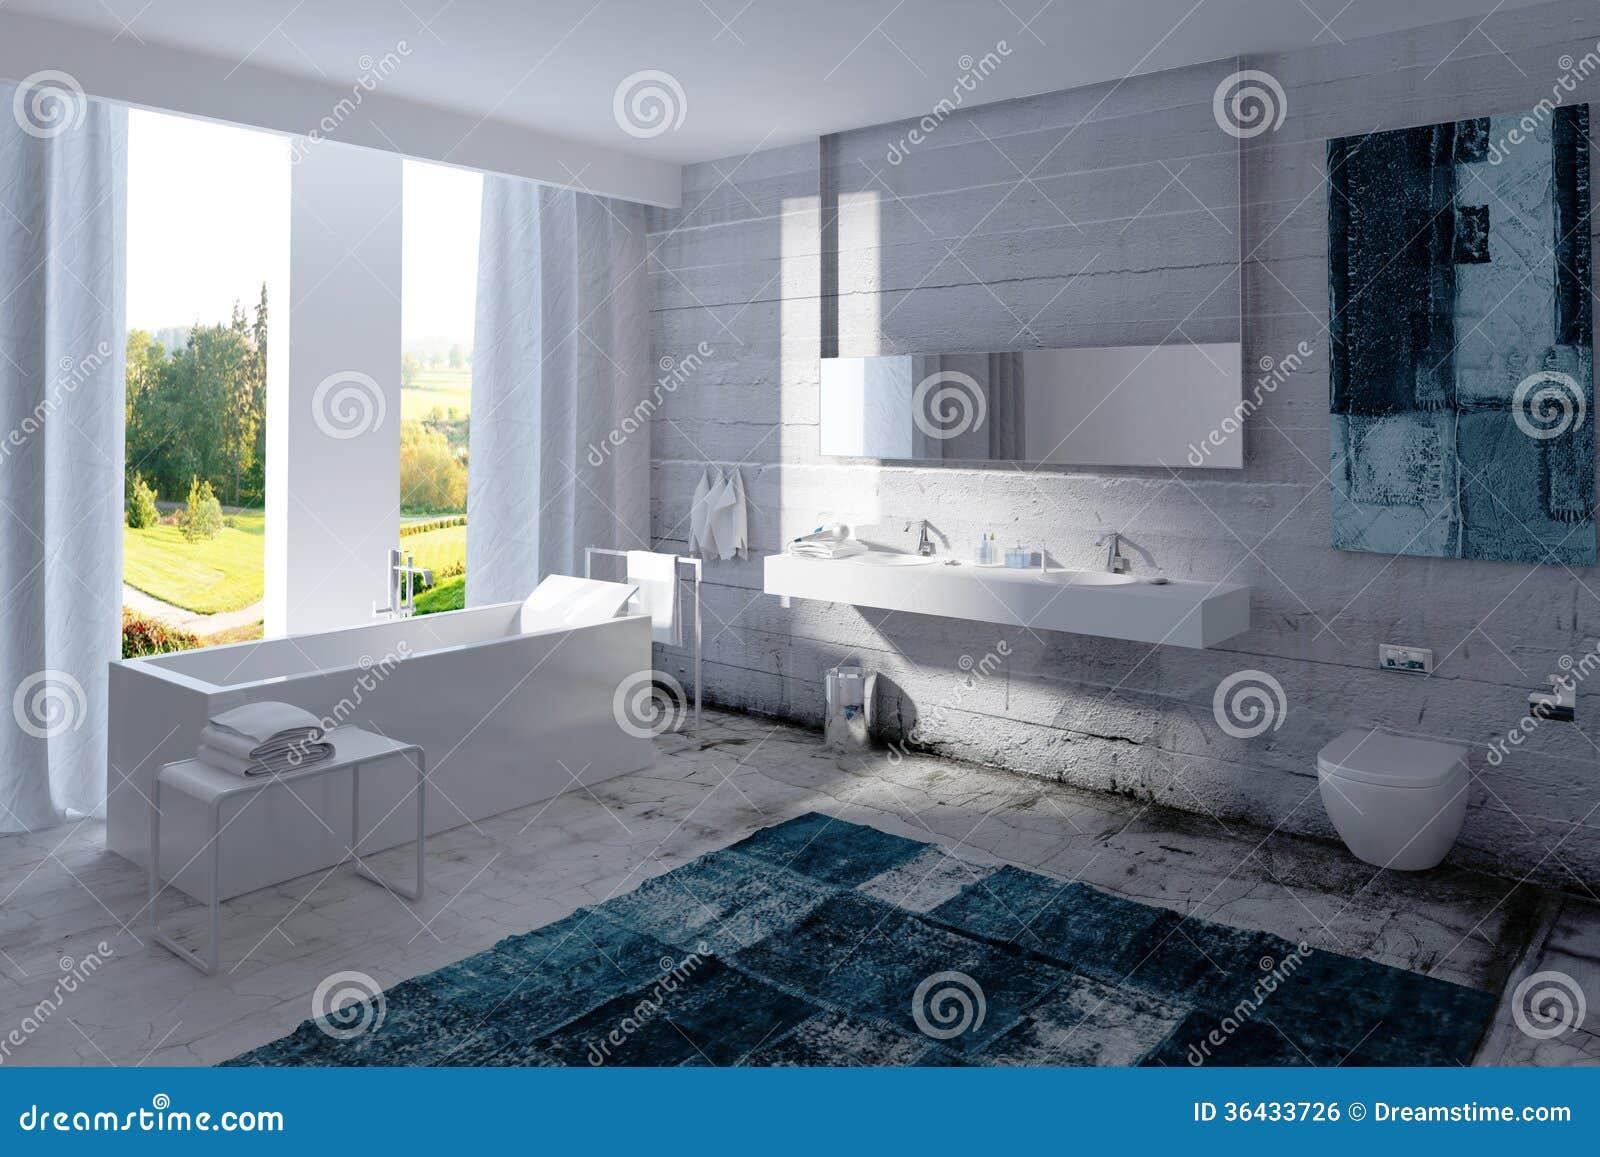 Interno Moderno Del Bagno Con Il Muro Di Cemento Immagine ...